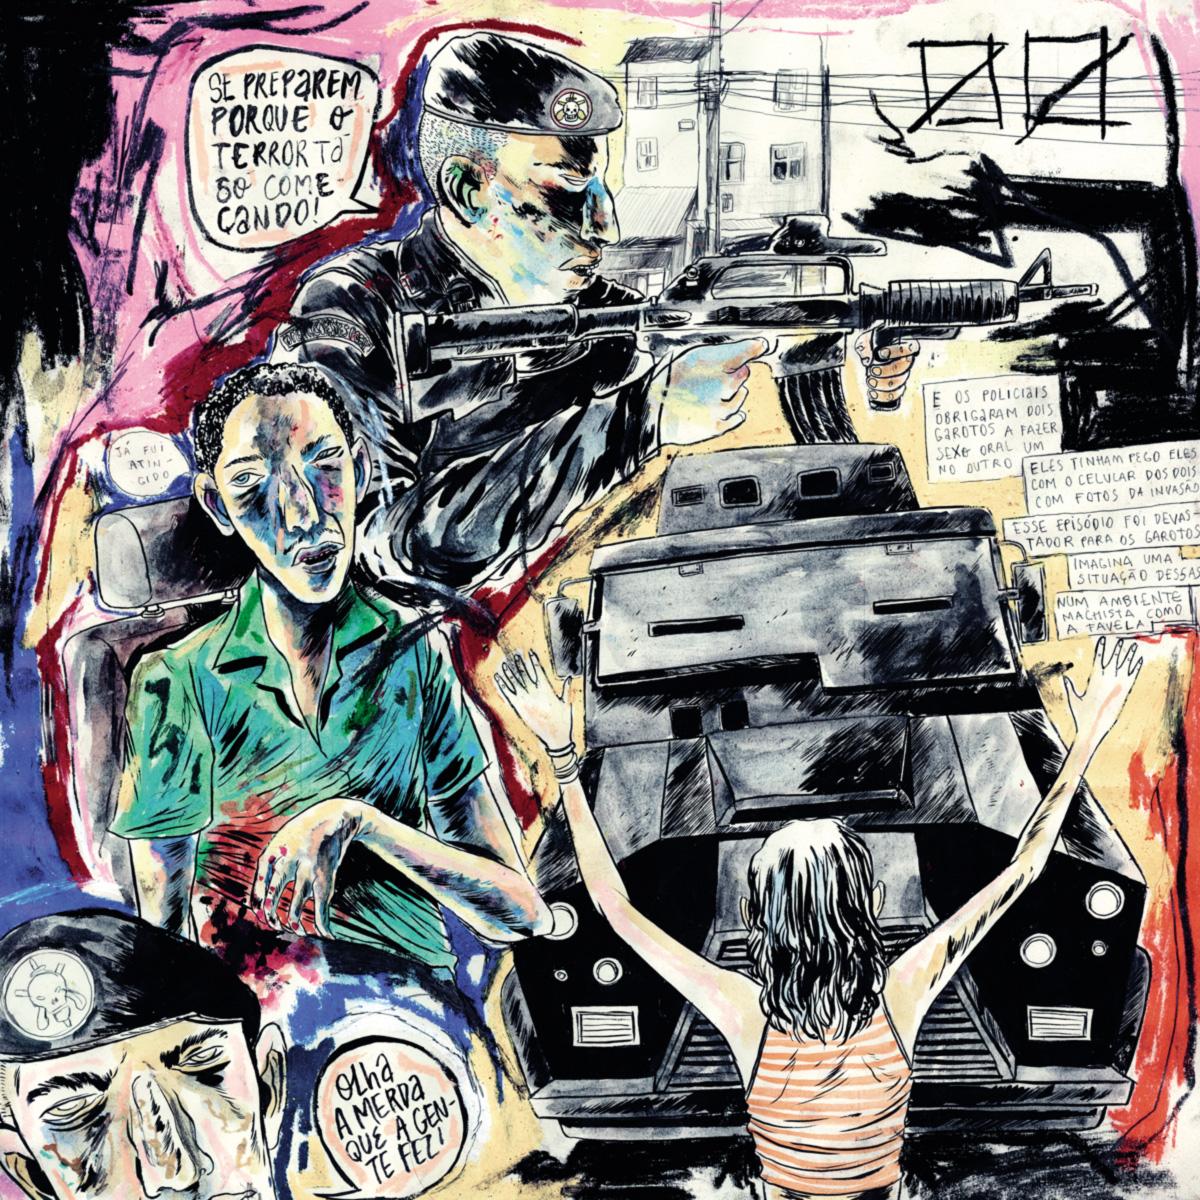 Na visão dos moradores da favela, o que aconteceu naquela noite não foi uma operação policial normal. Foi um revide, um ato de vingança do Bope contra a morte de um companheiro de farda; todos pagaram pela morte do sargento